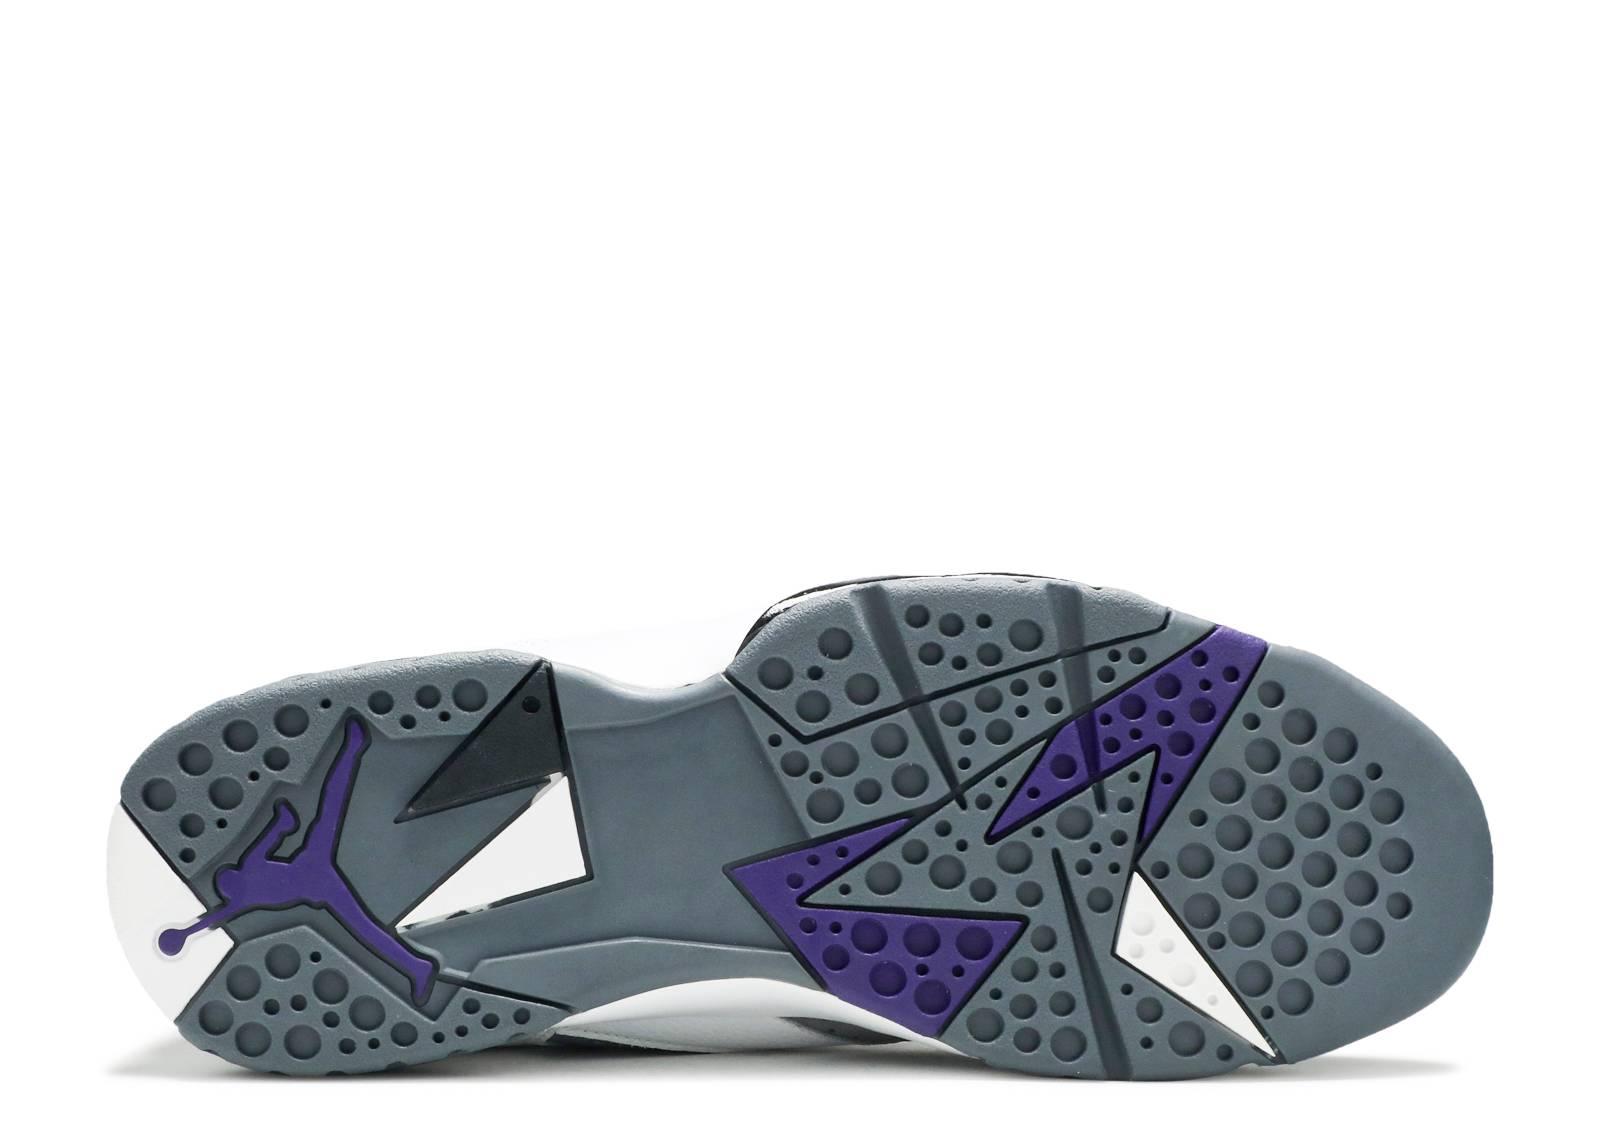 air jordan retro 7 purple